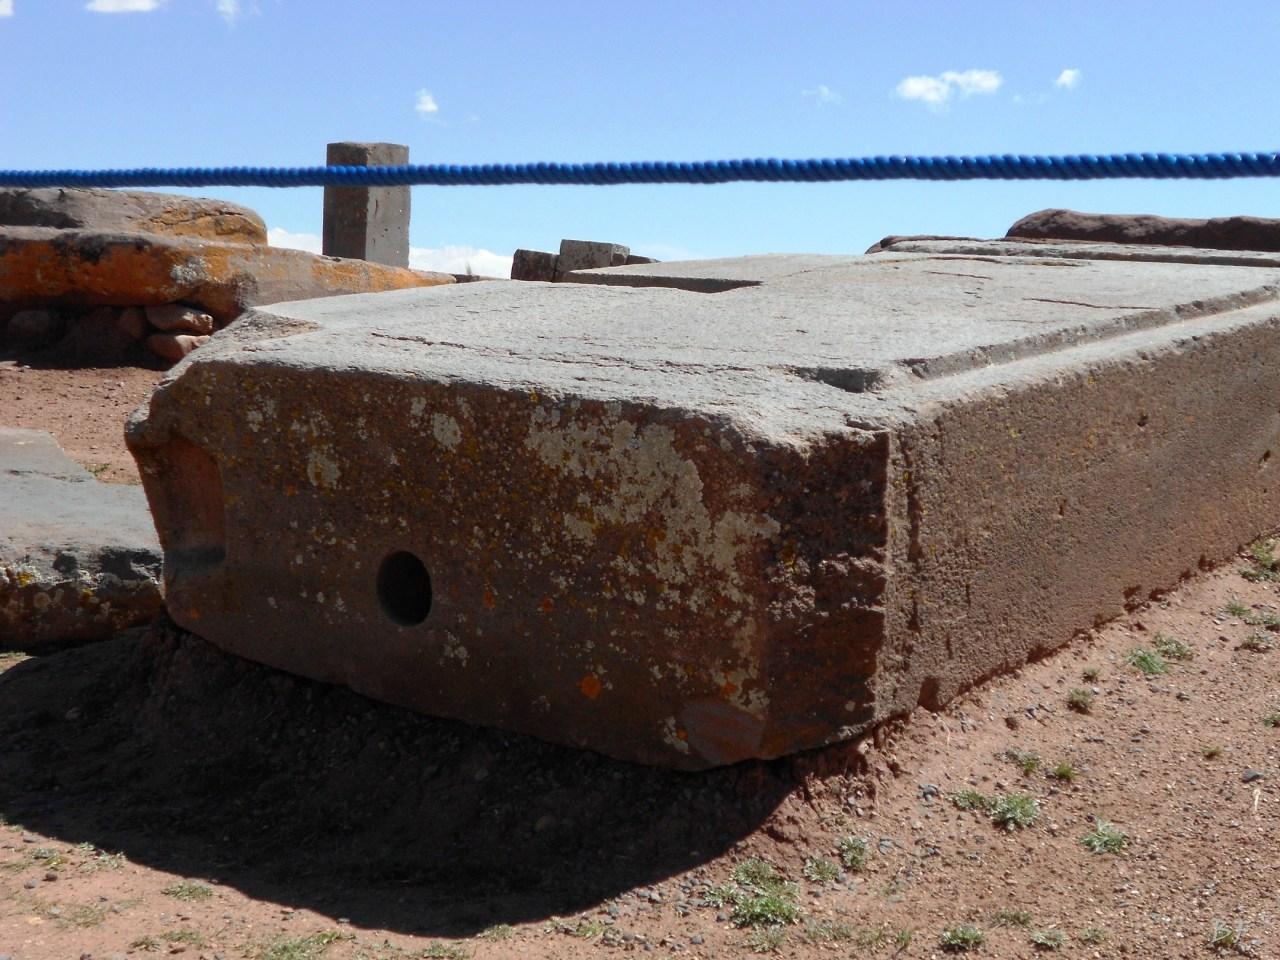 Puma-Punku-Area-Megalitica-Mura-Poligonali-Megaliti-Tiwanaku-Tiahuanaco-Bolivia-47